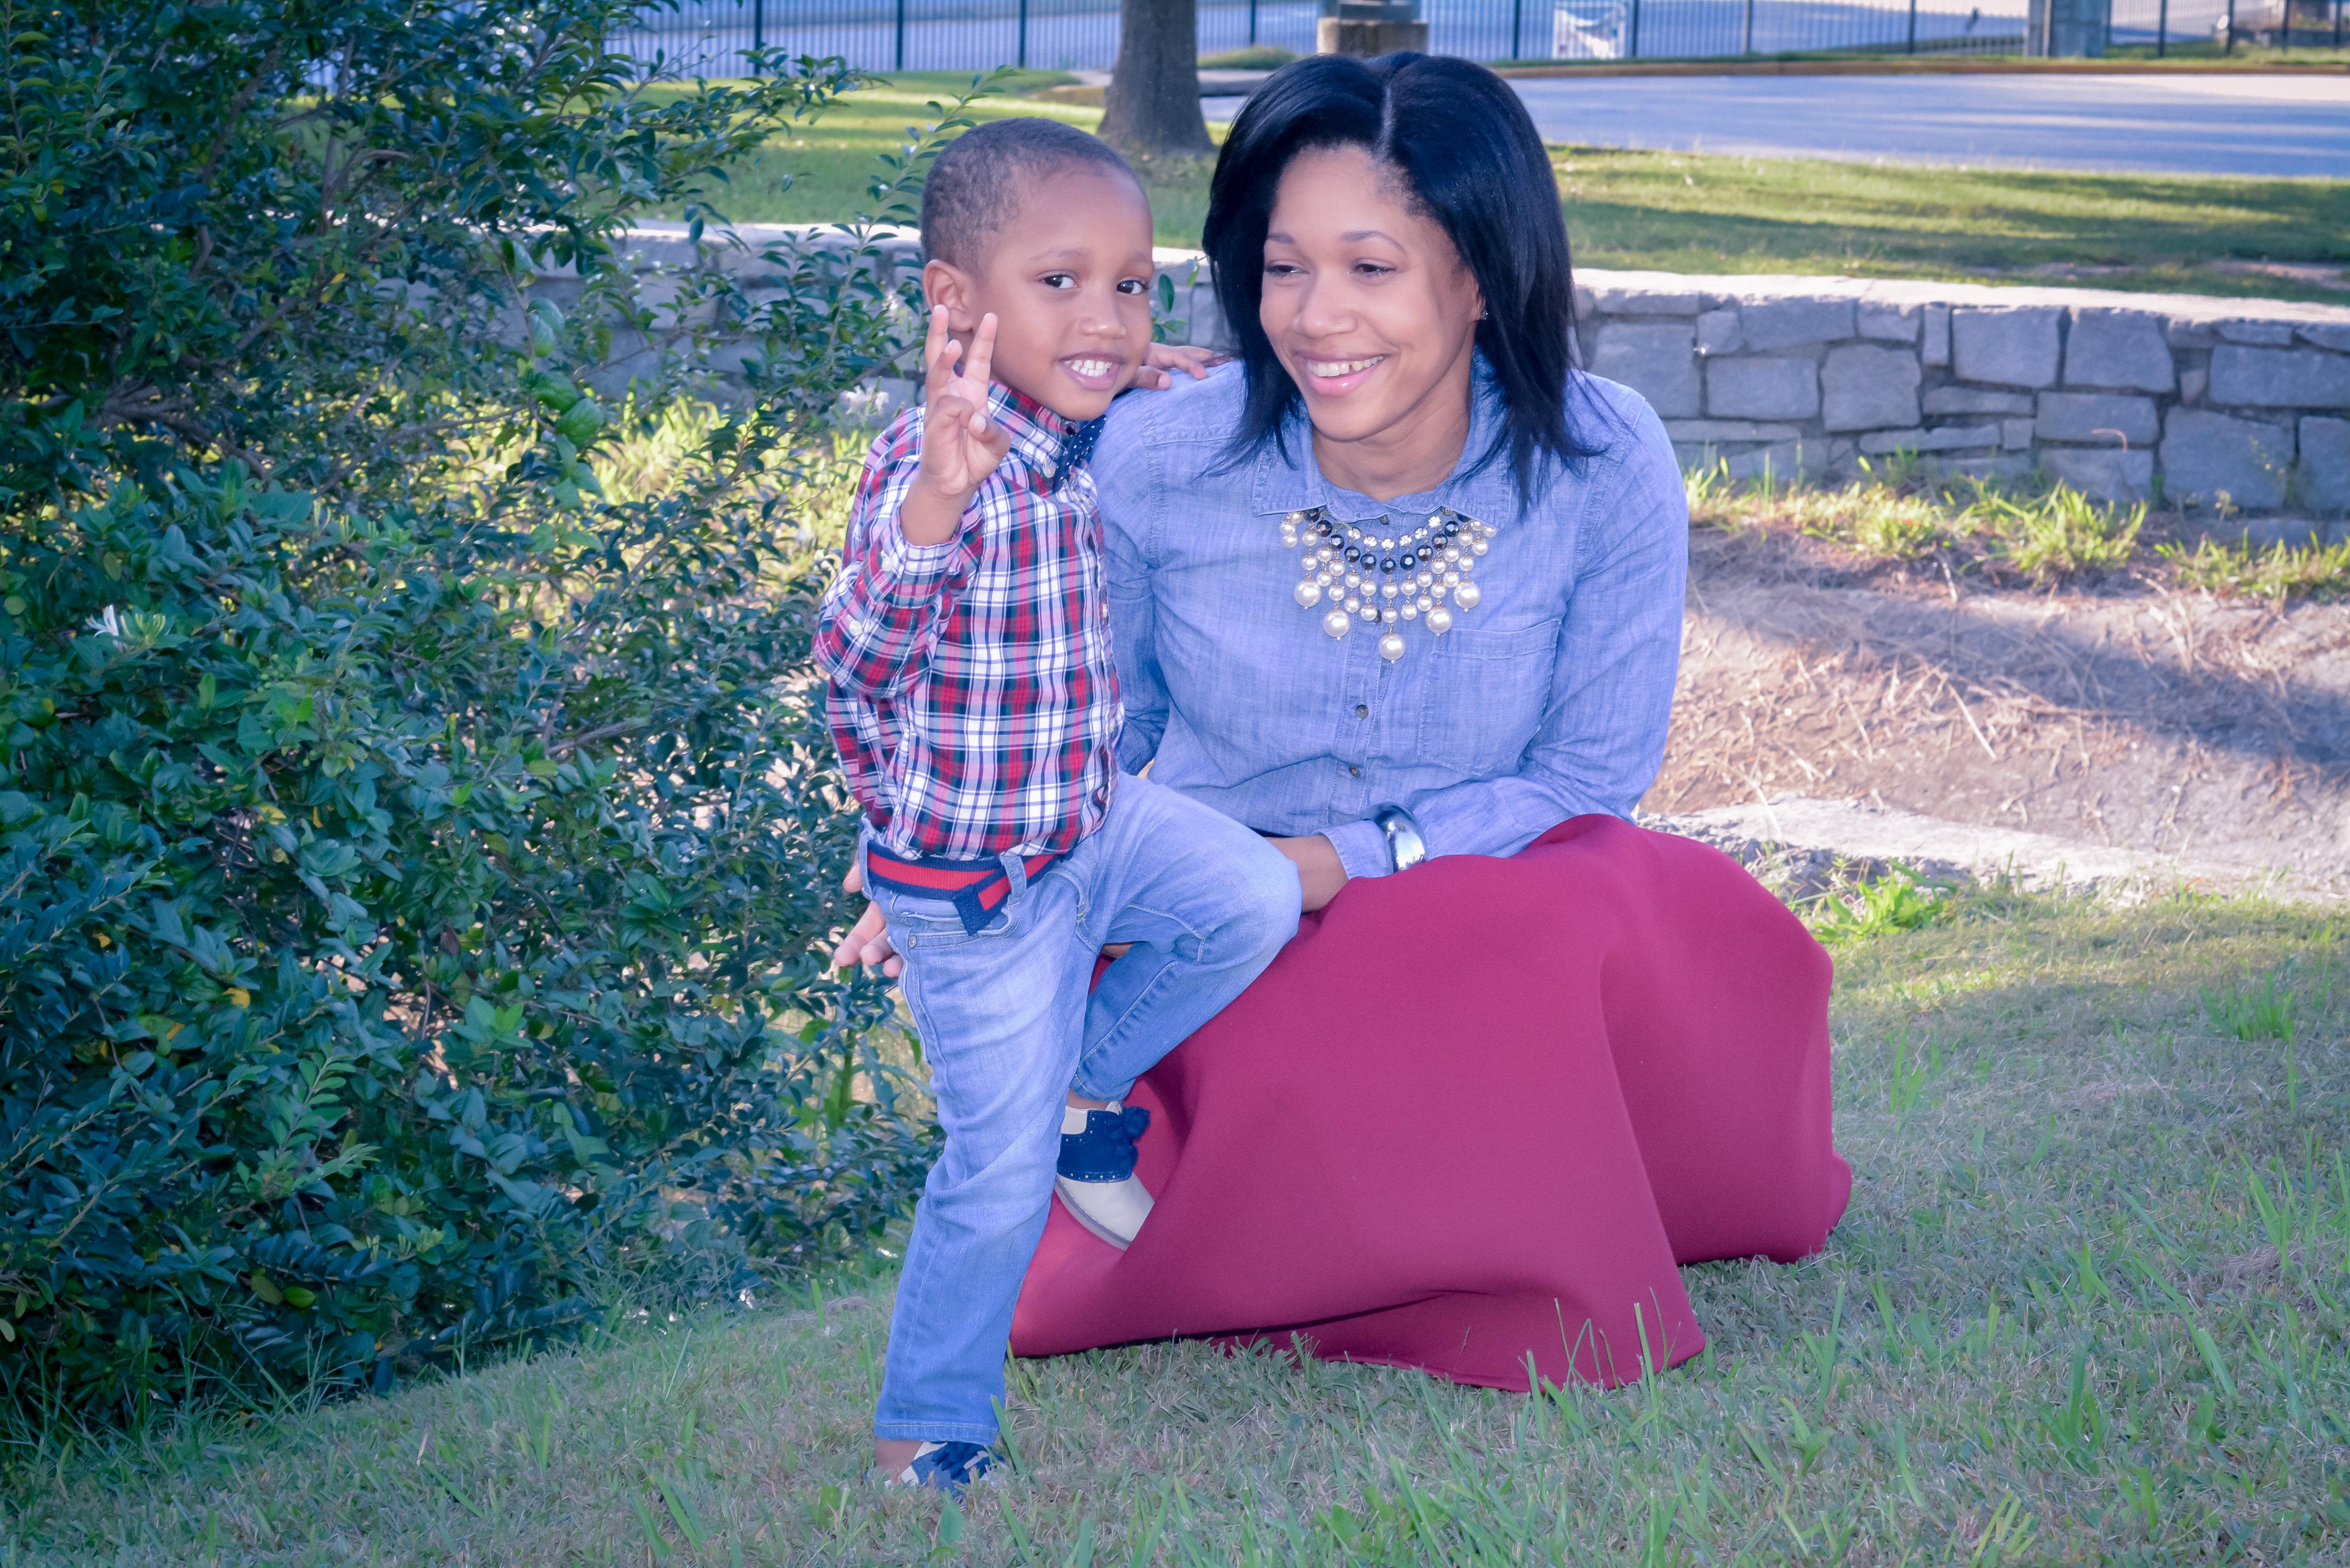 Charee Lenee & son, Mason